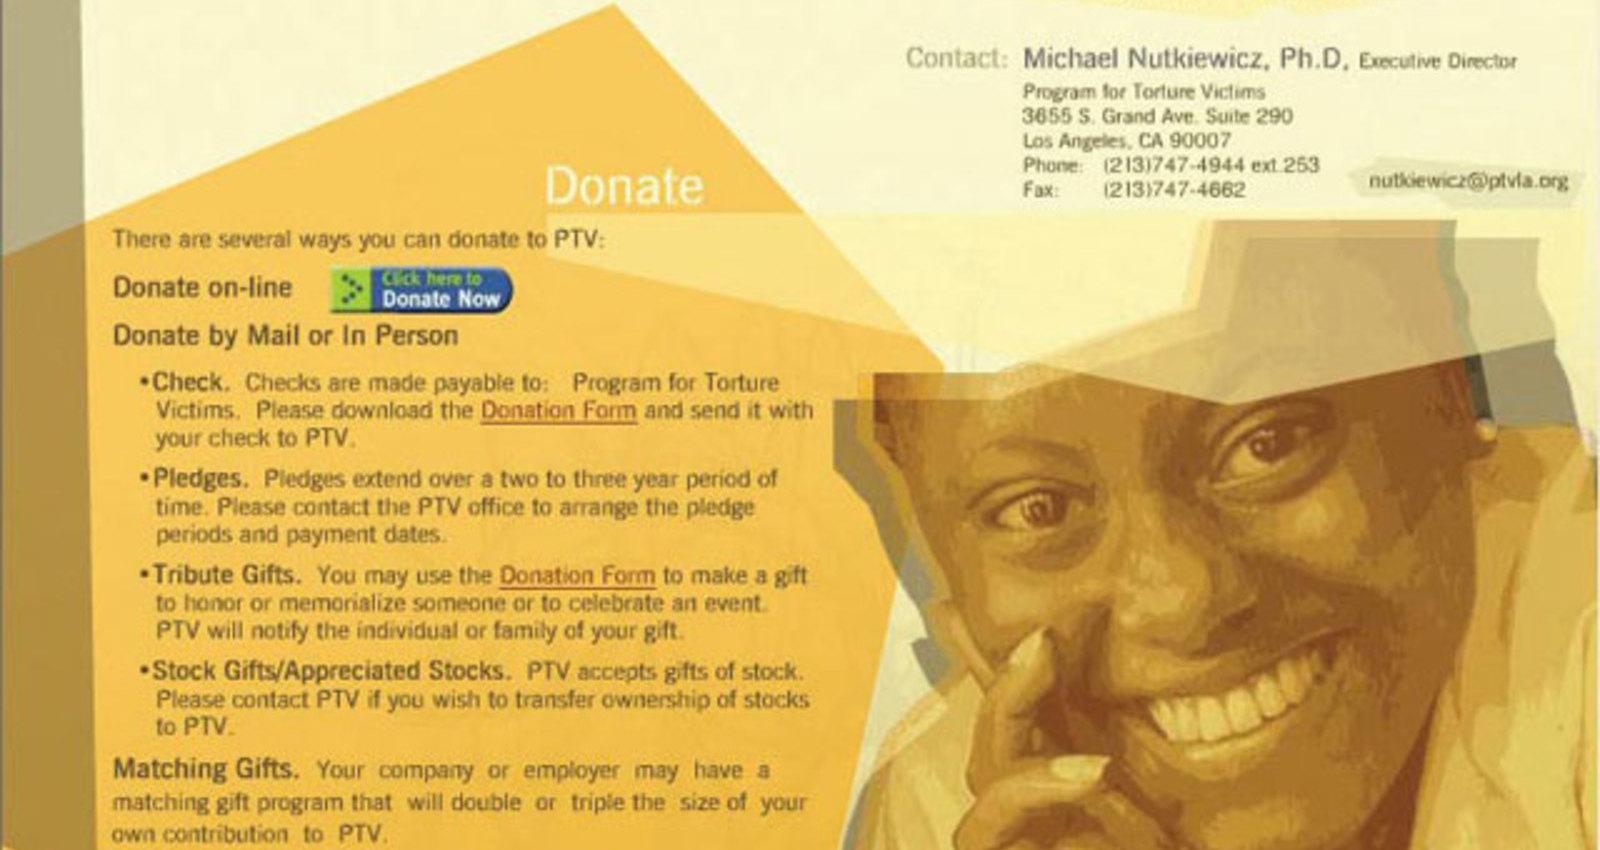 Program For Torture Victims Web site